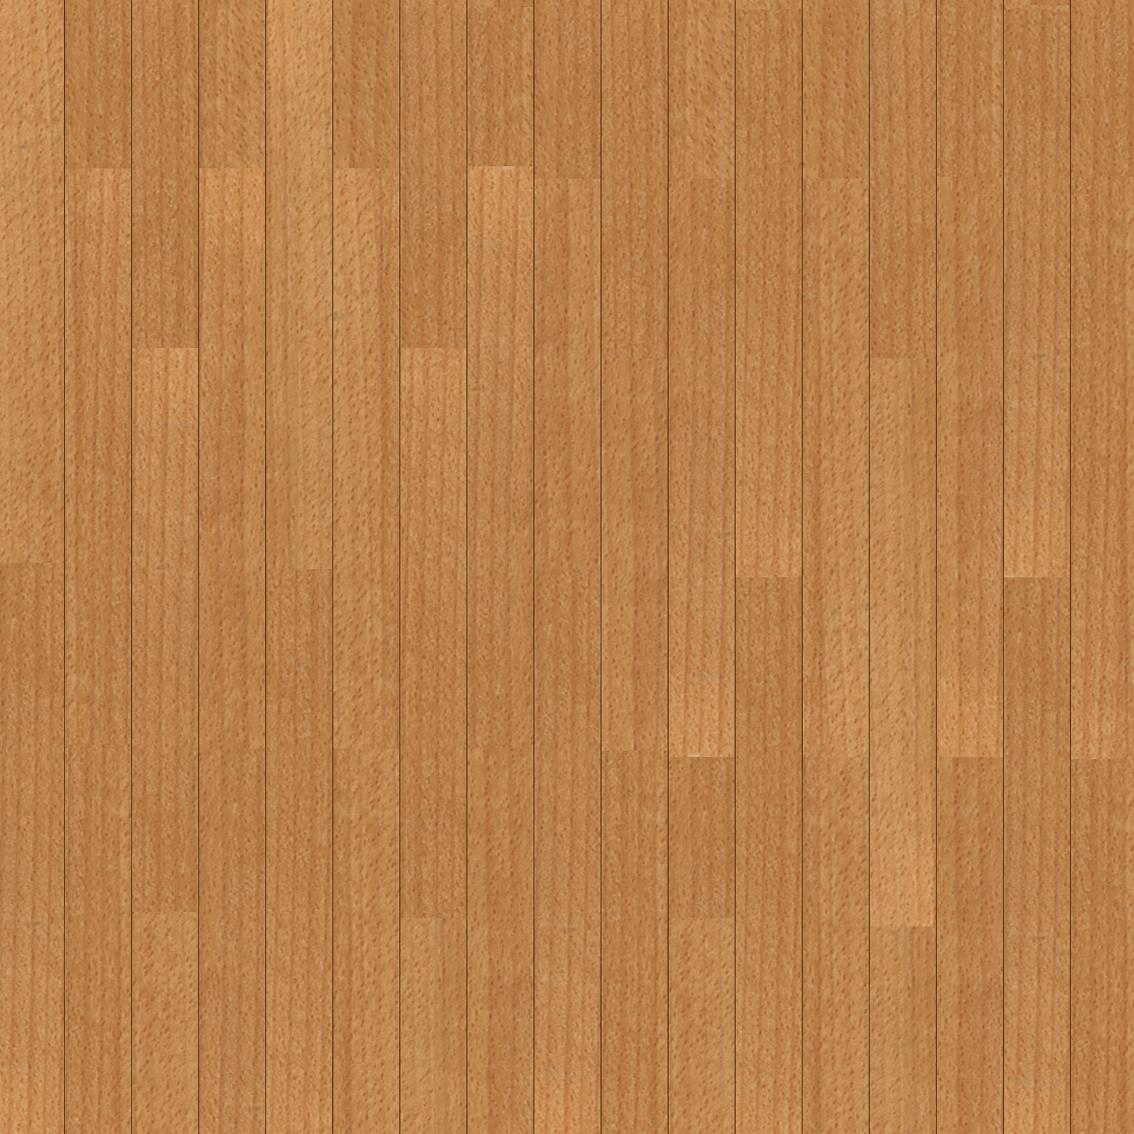 Classicals Wood 004 Floor 15 Free 3d Textures Free